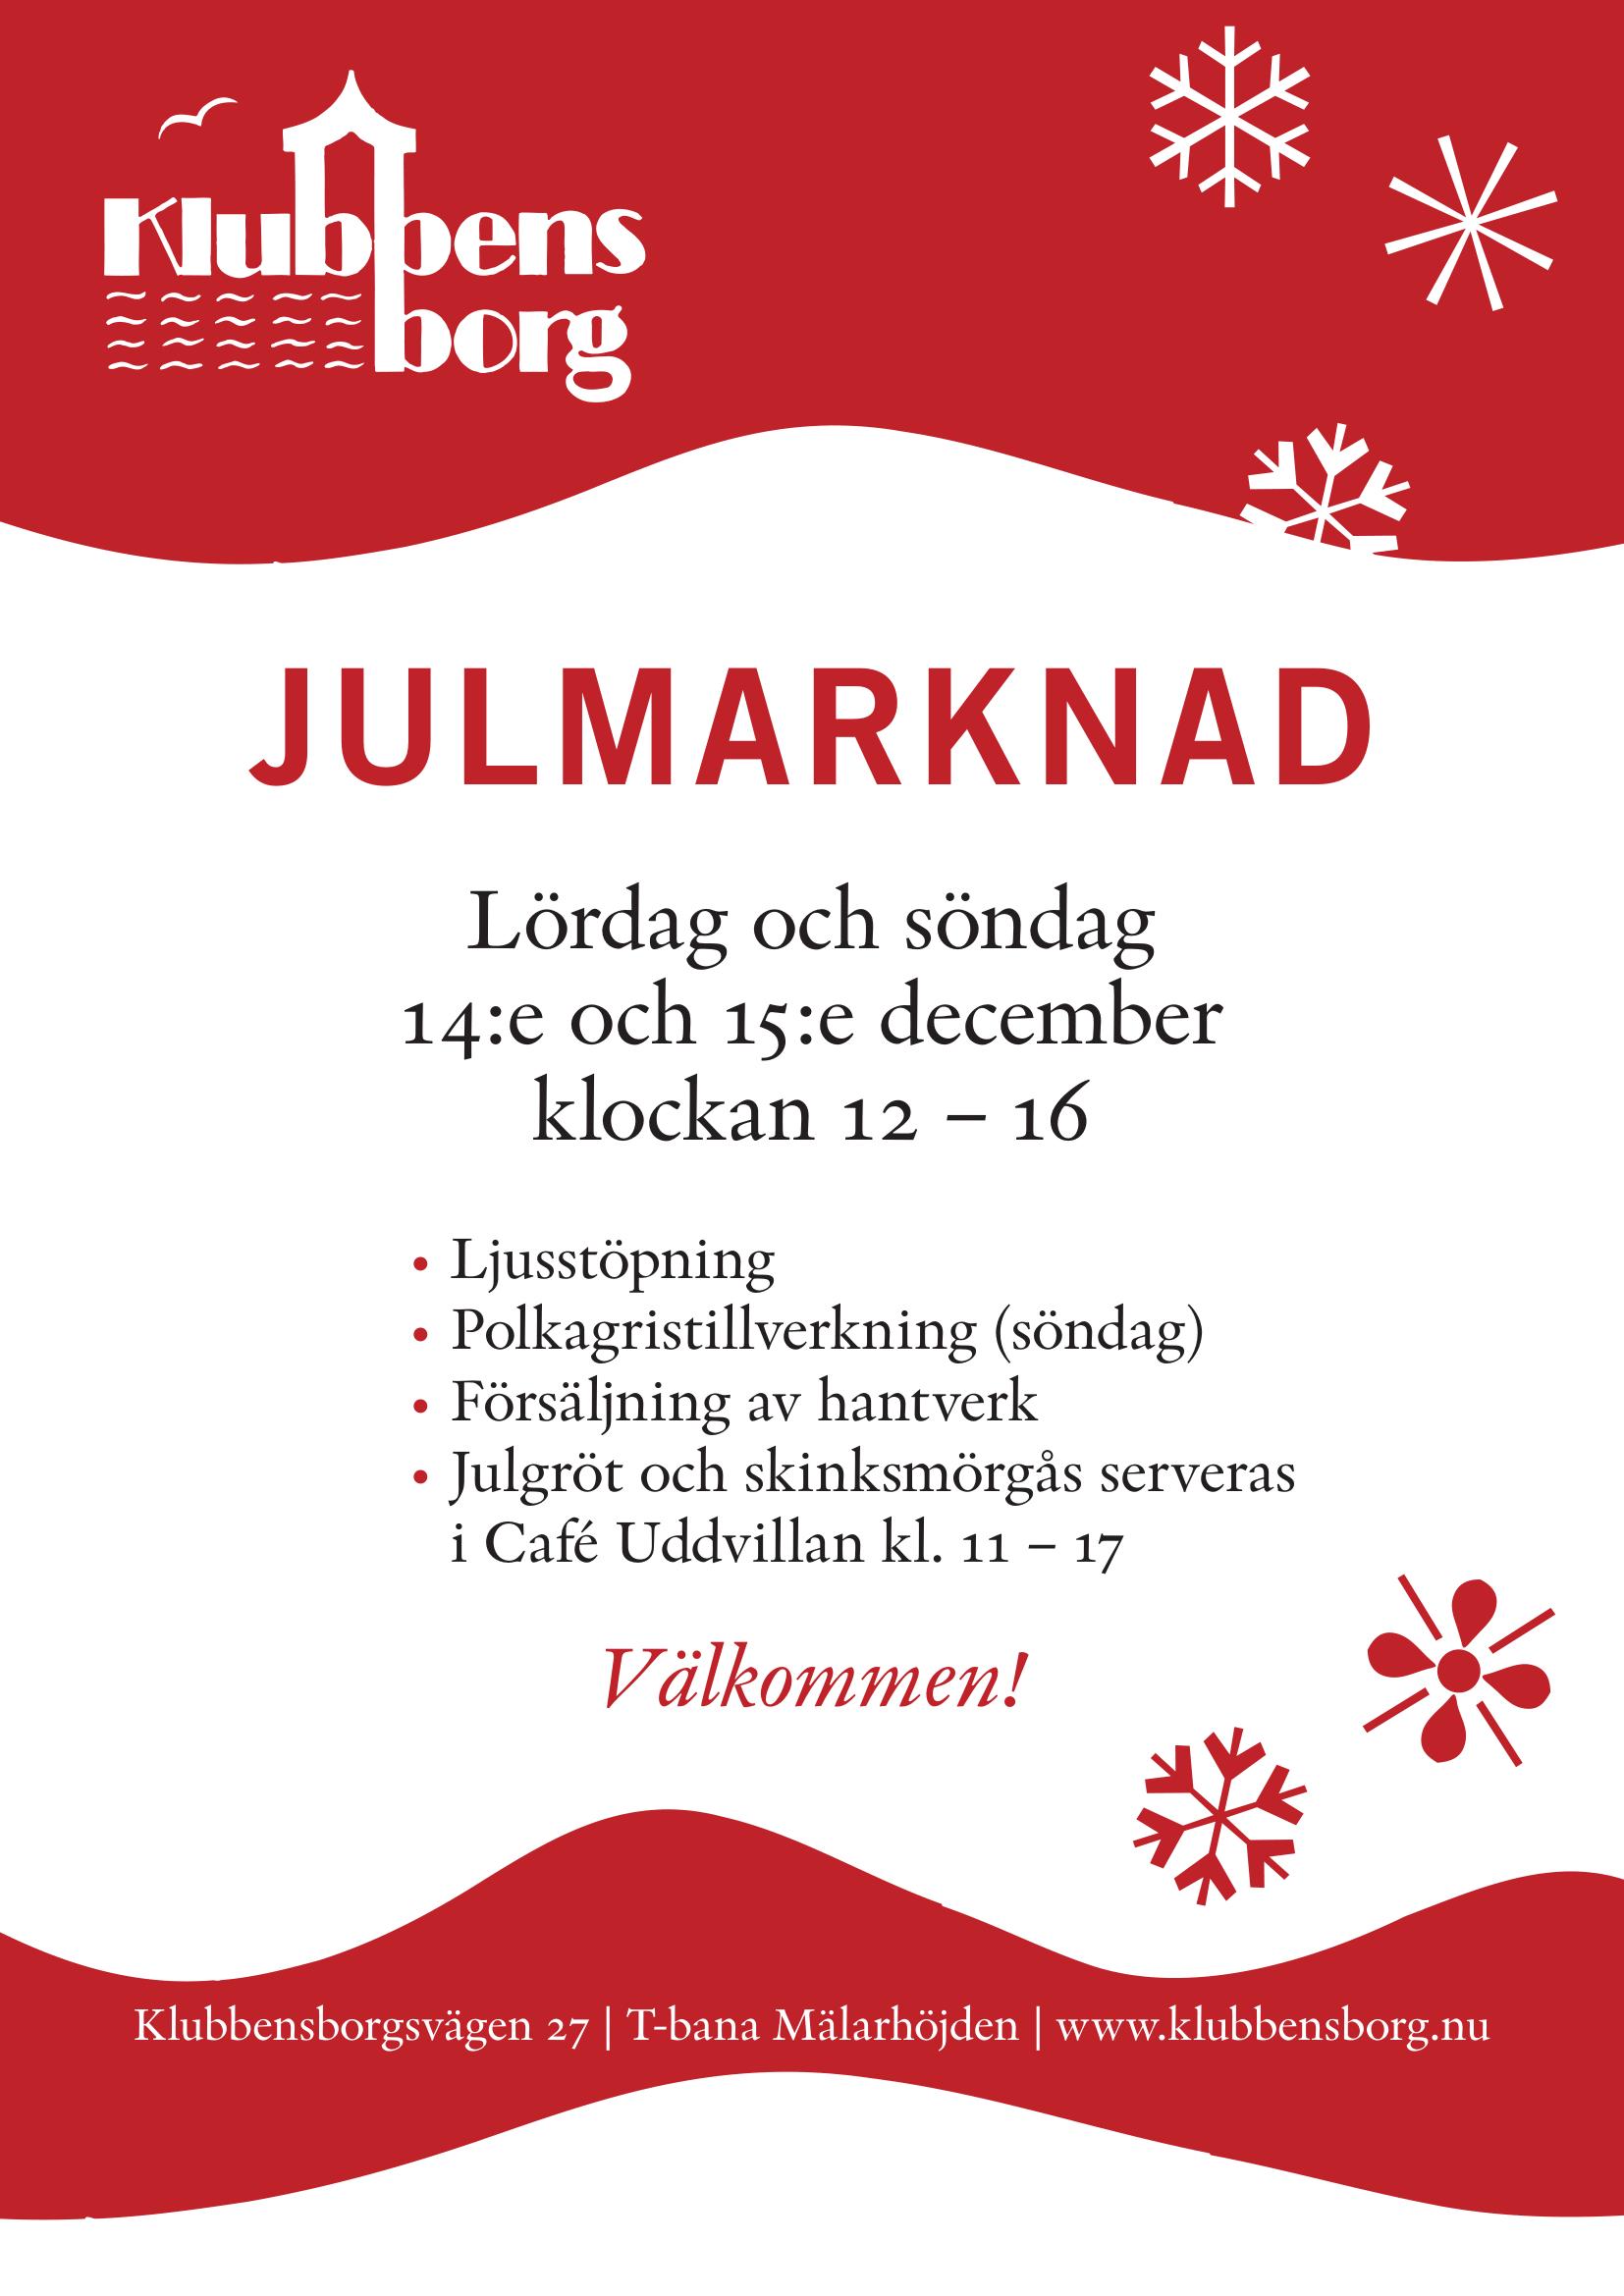 Info Julmakrnad 2019